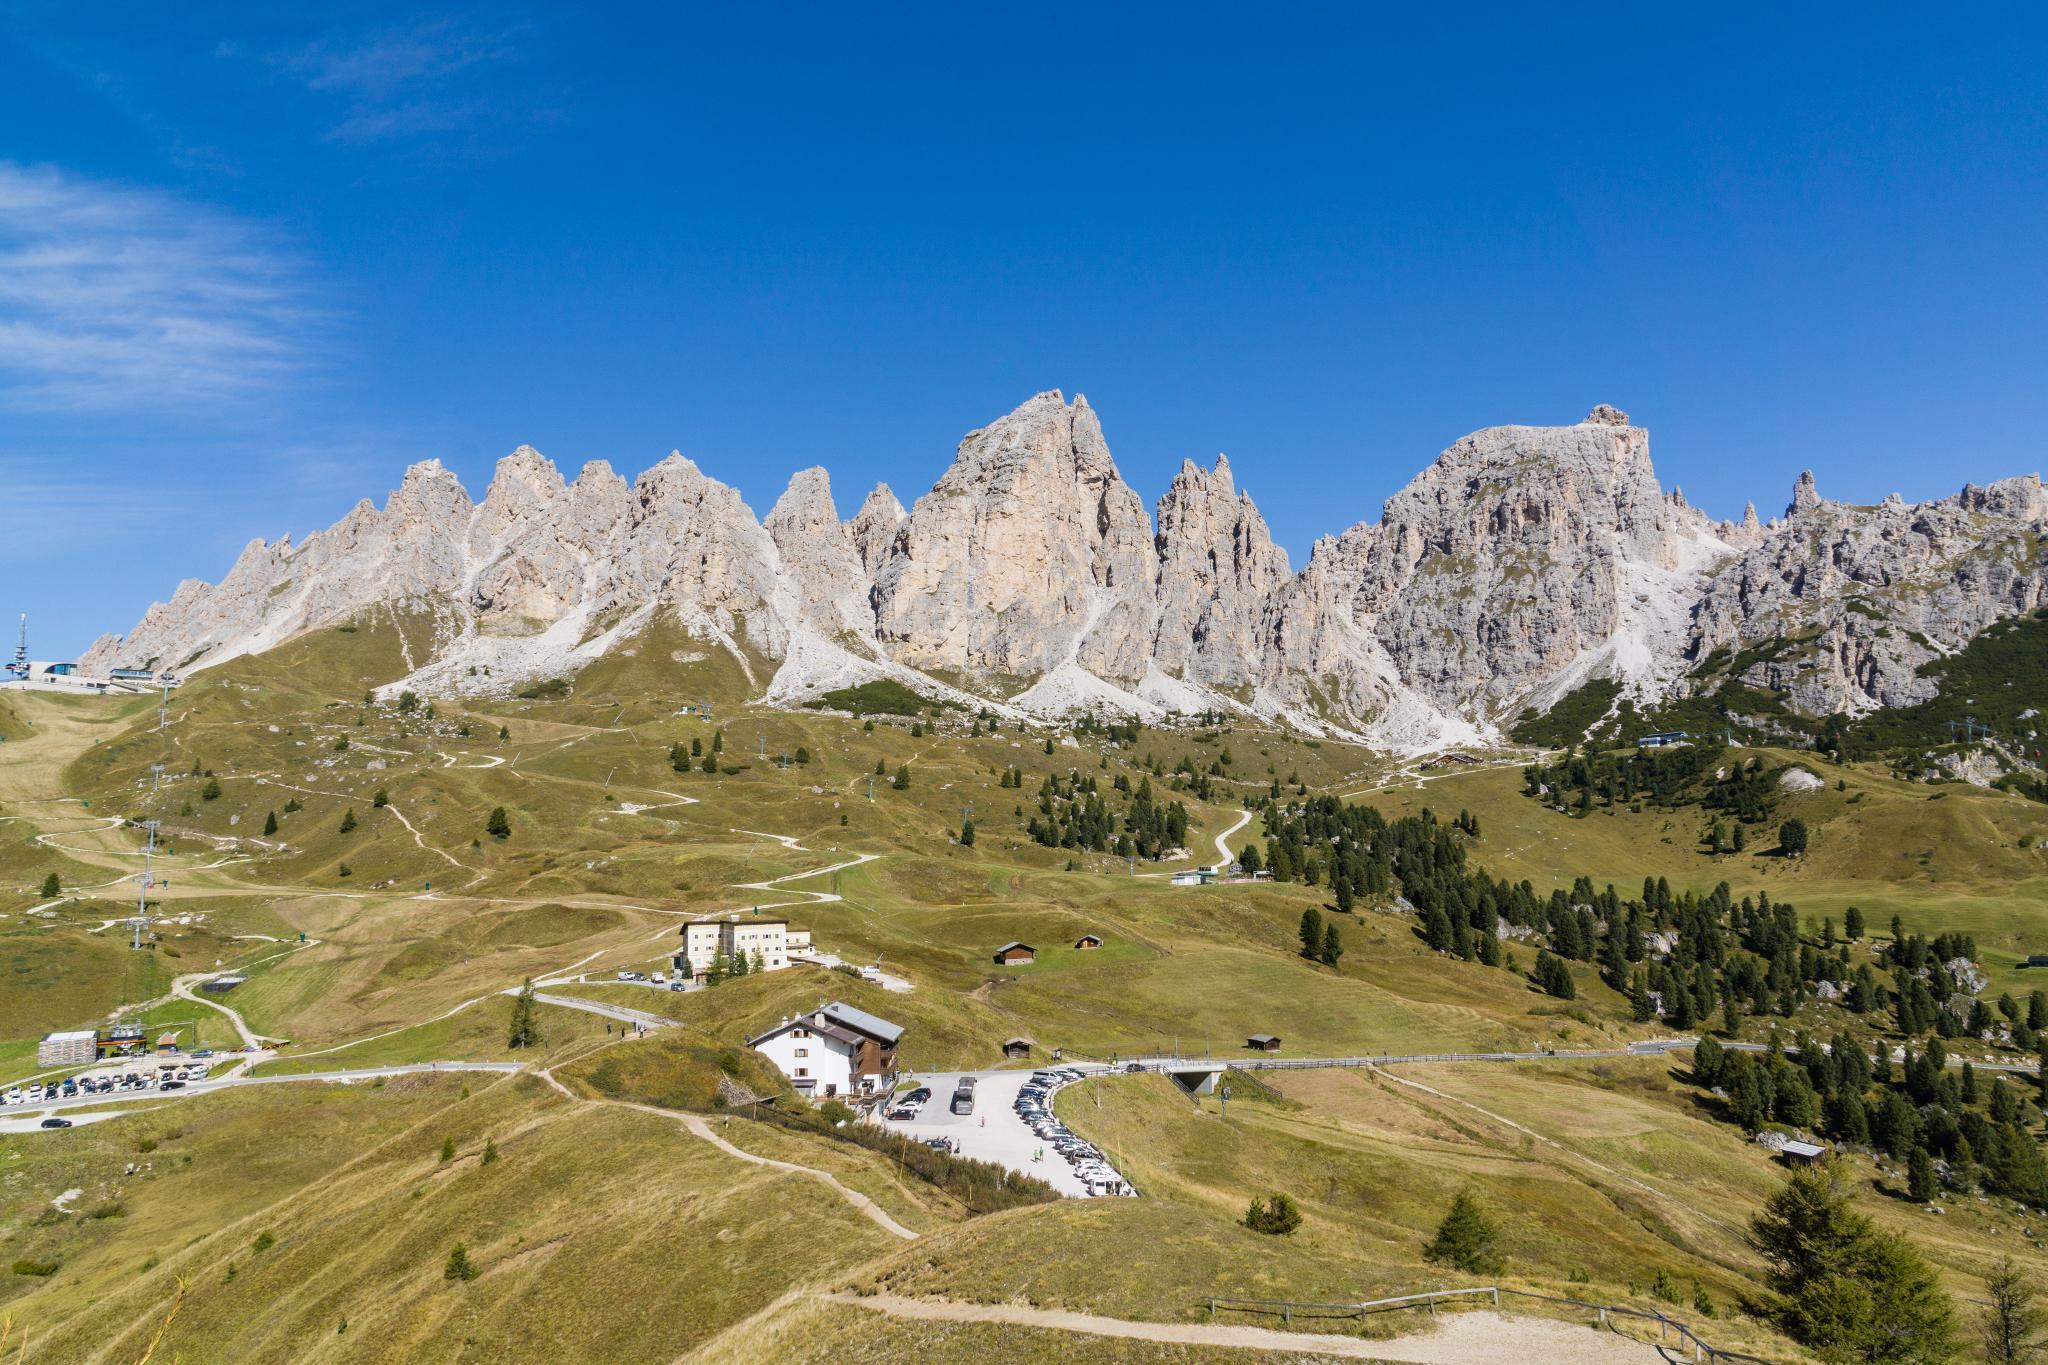 【義大利】健行在阿爾卑斯的絕美秘境:多洛米提山脈 (The Dolomites) 行程規劃全攻略 12